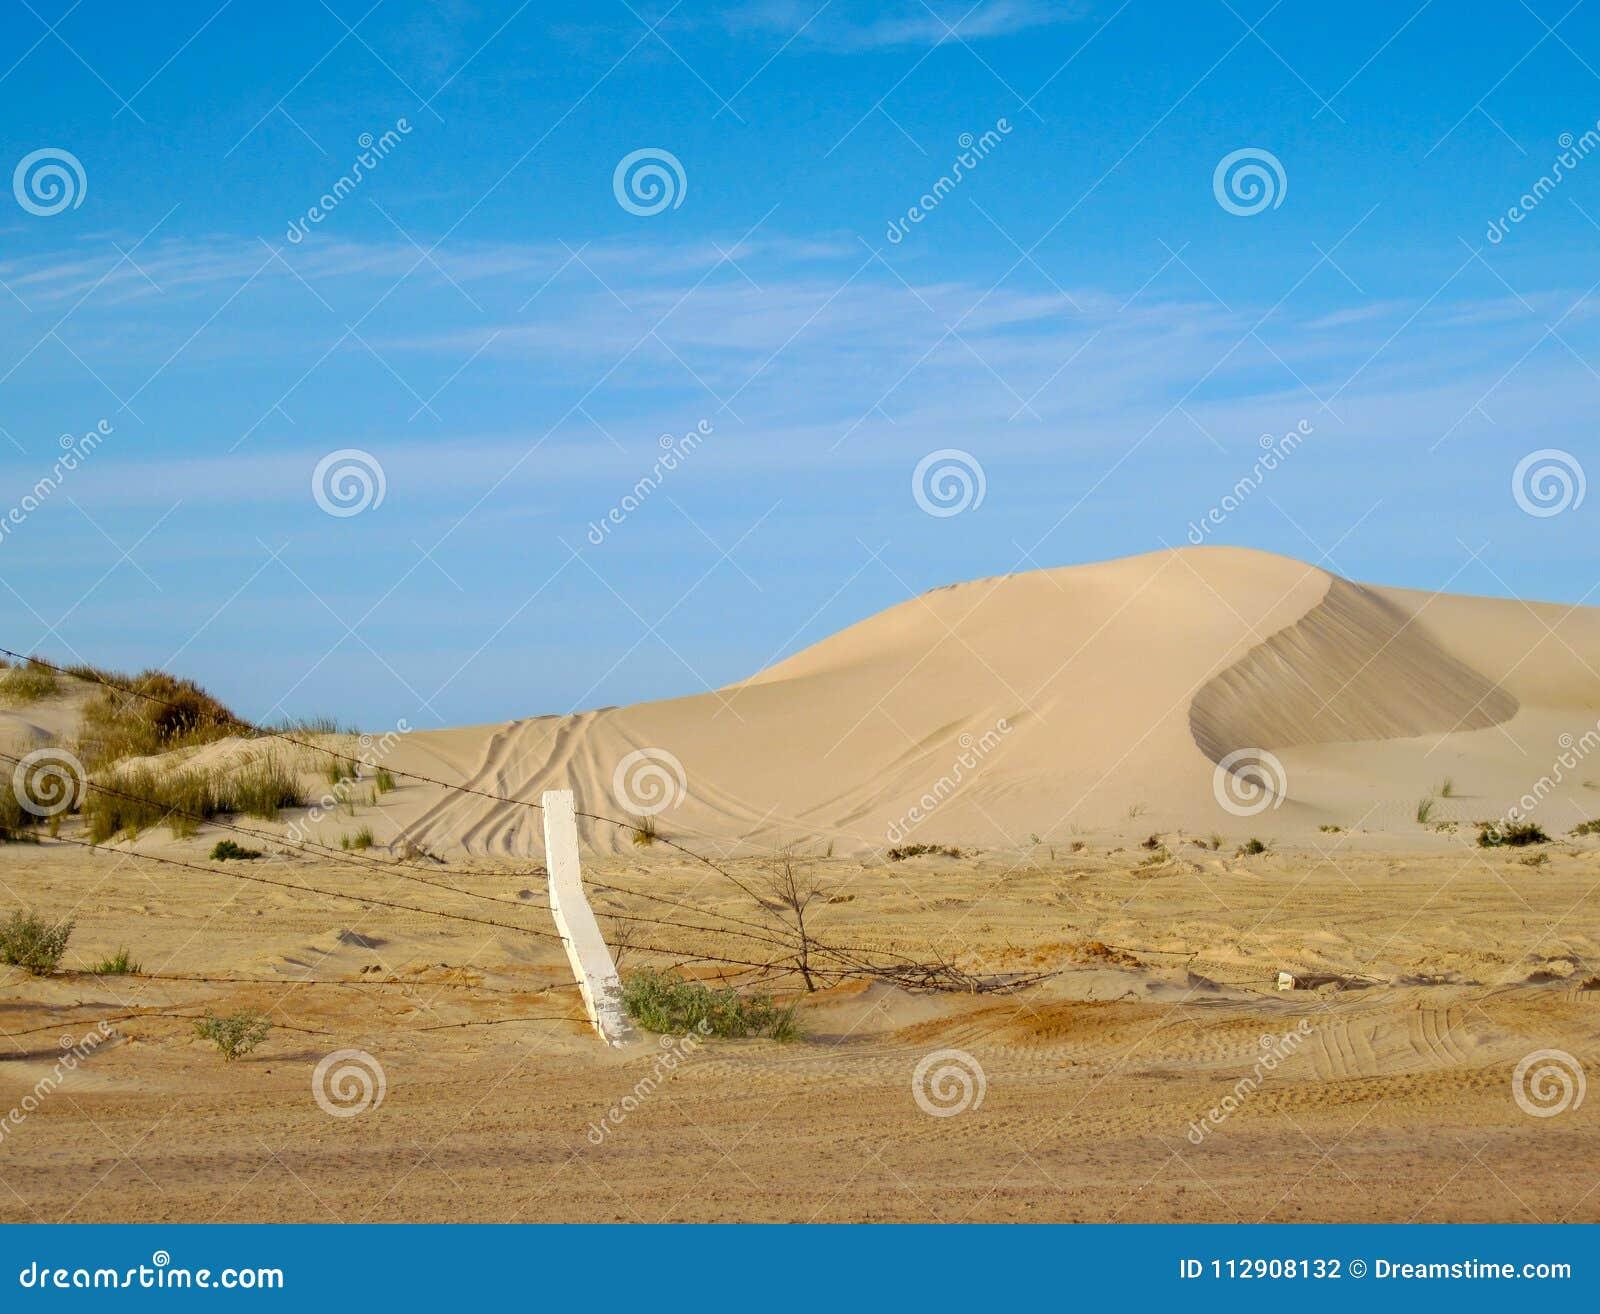 Dunas de arena costeras con las pistas del neumático y cerca del alambre de púas contra el cielo azul en Libia